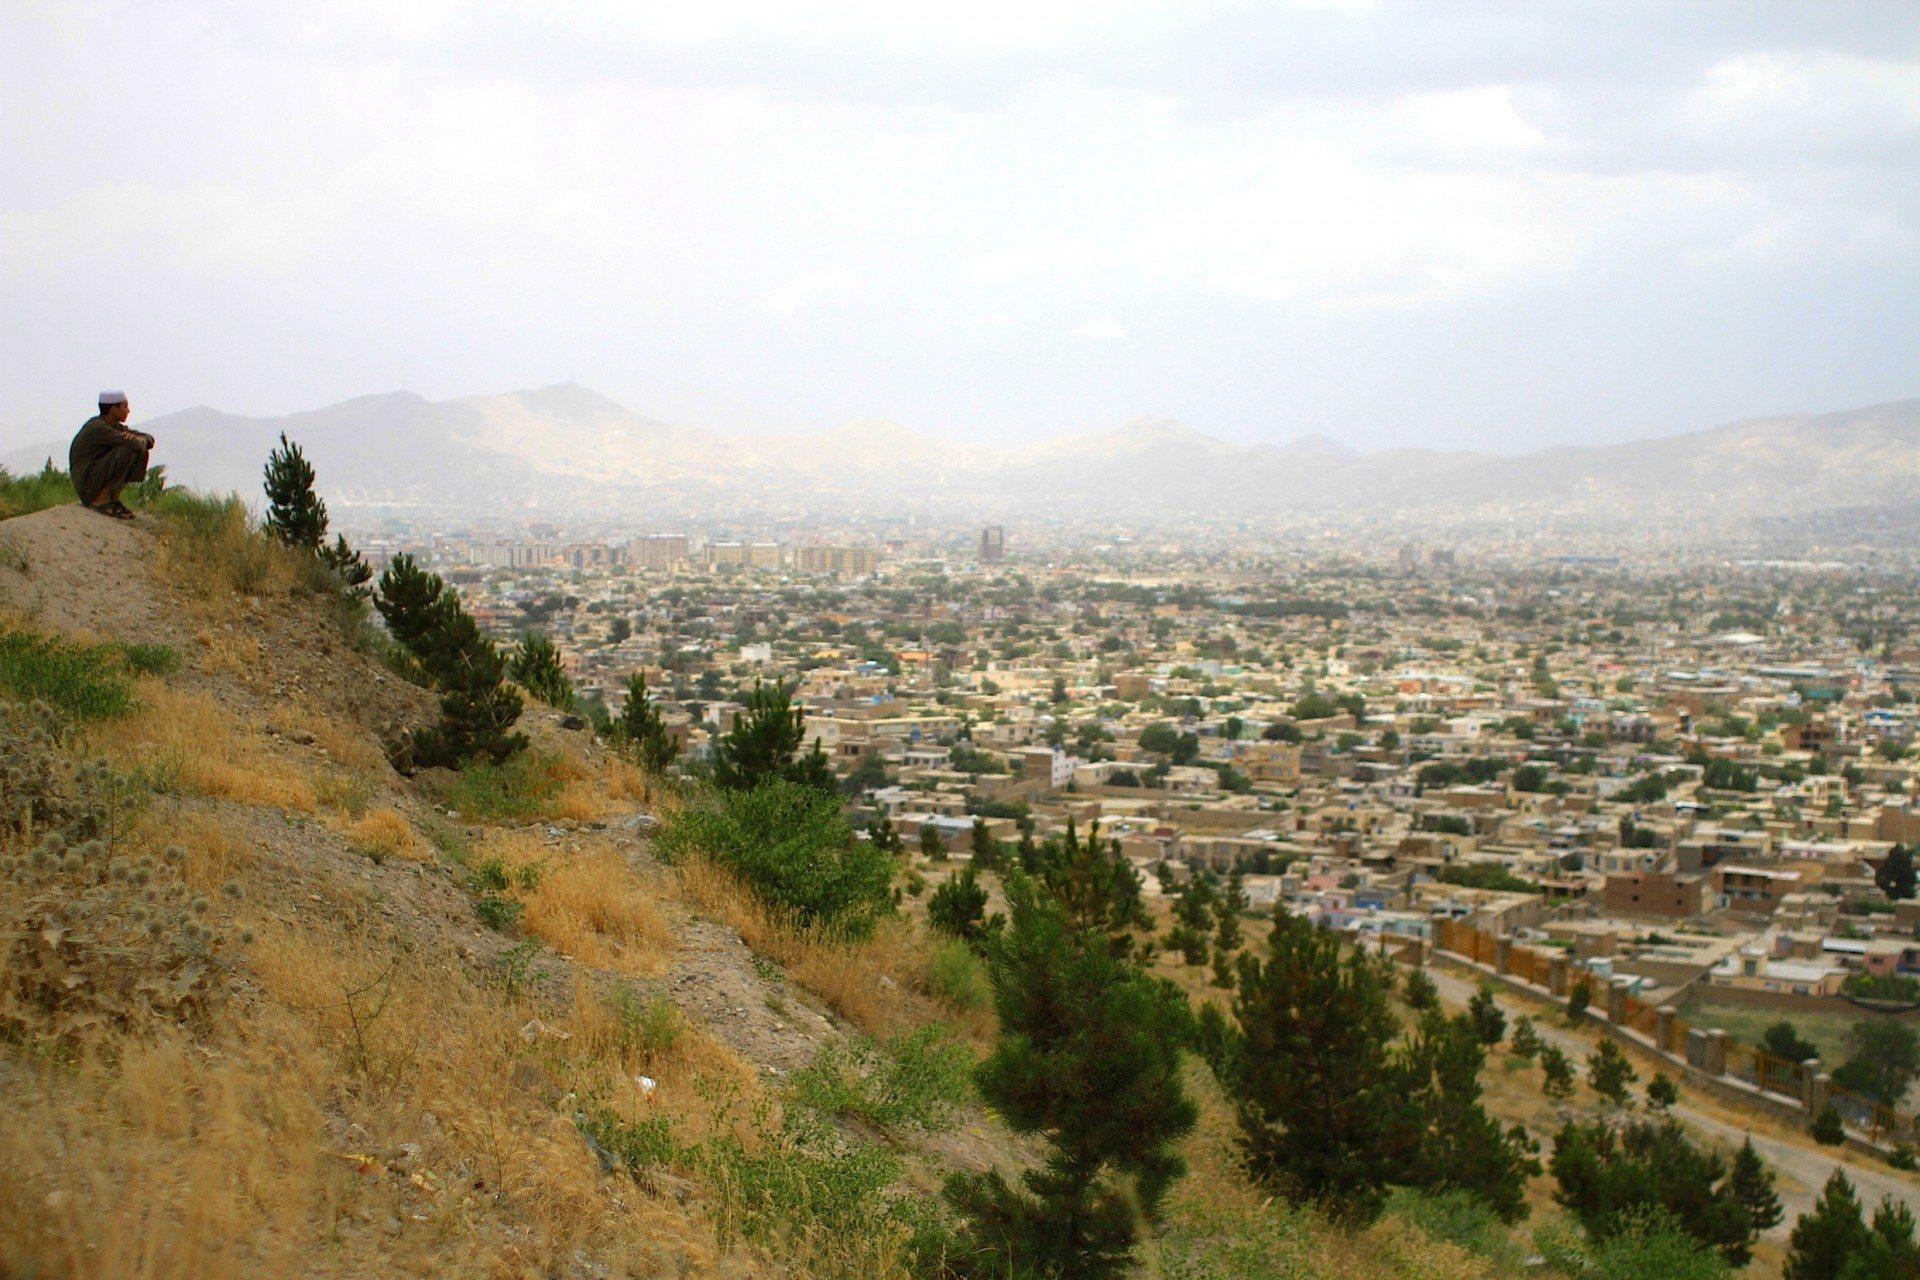 Der Weitblick. Kabuls Innenstadt